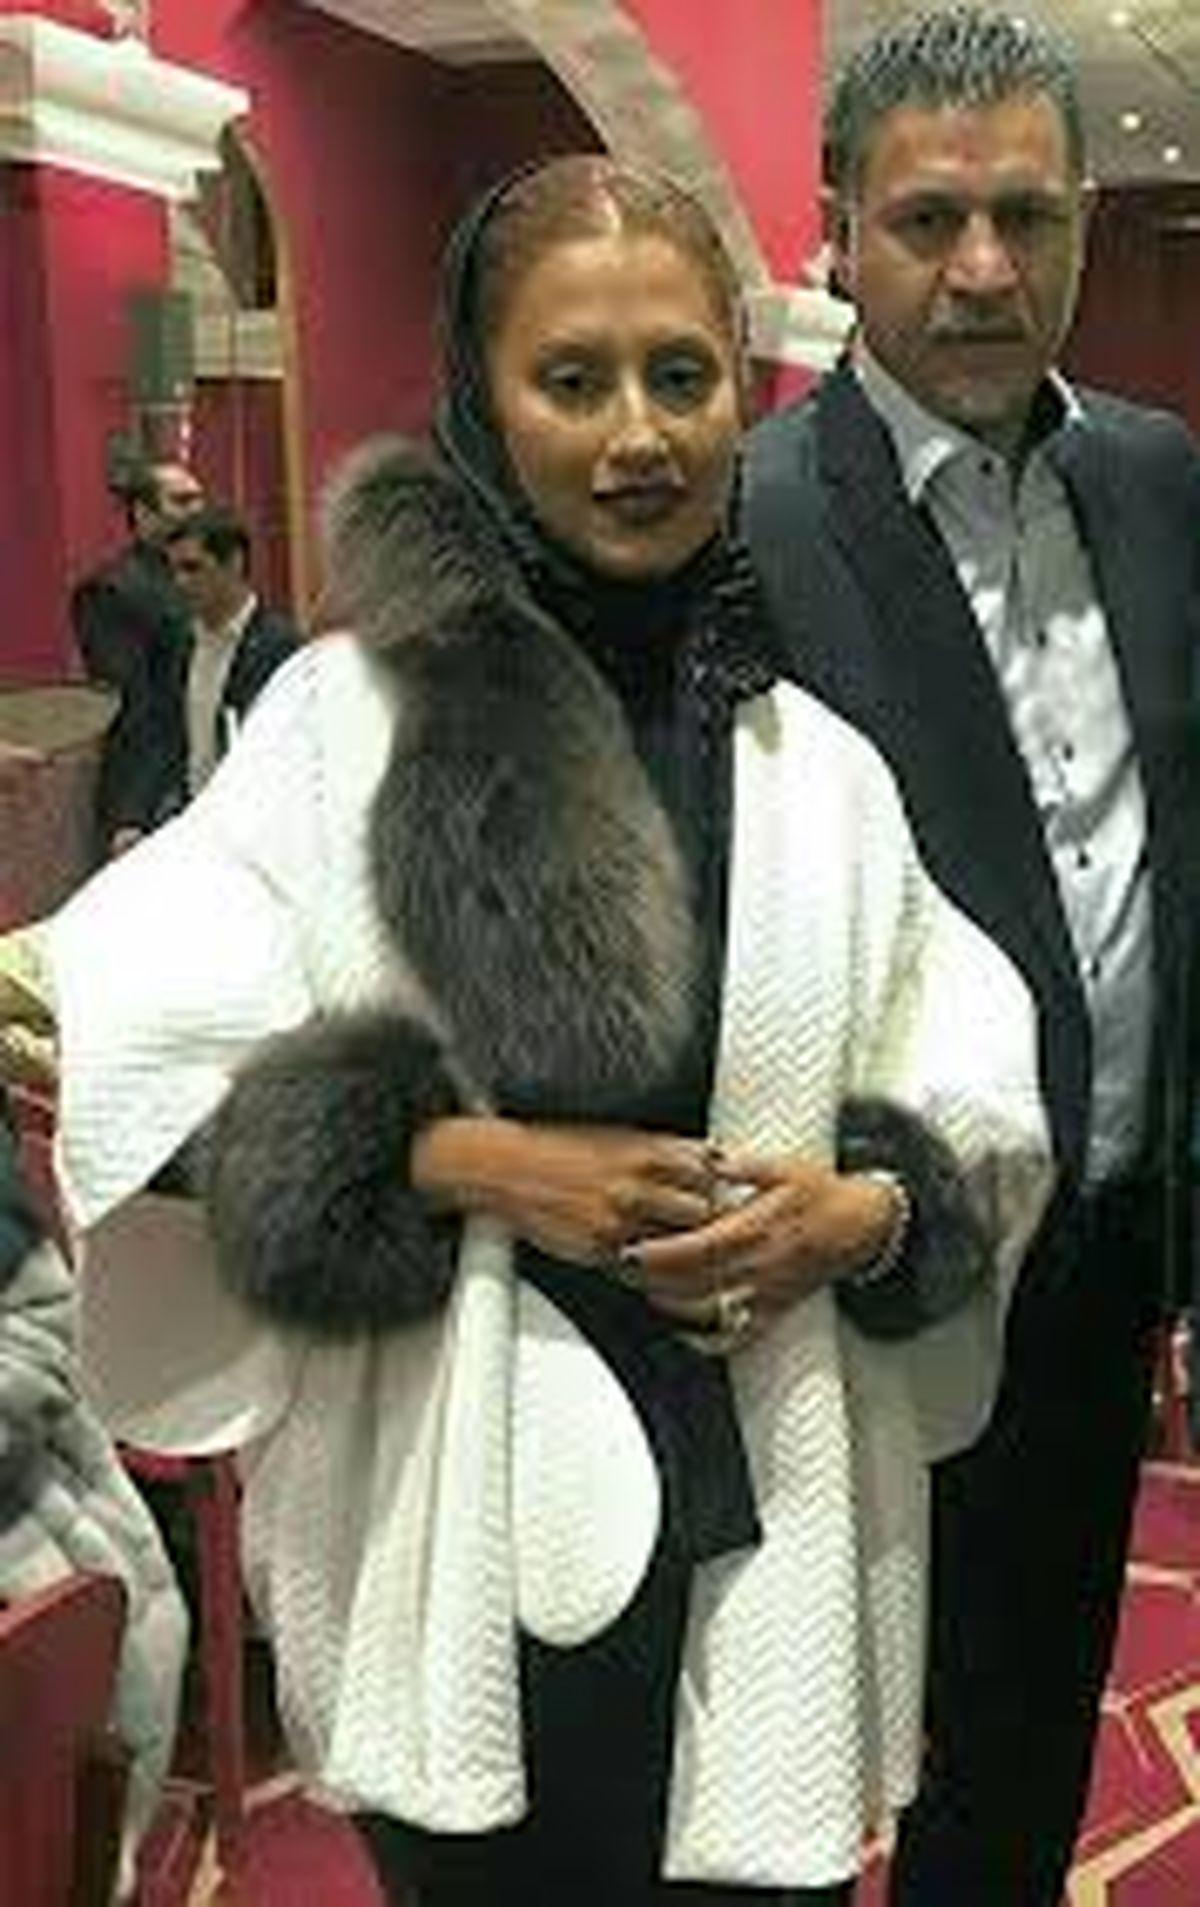 لباس میلیونی همسر دوم علی دایی جنجالی شد + عکس و بیوگرافی